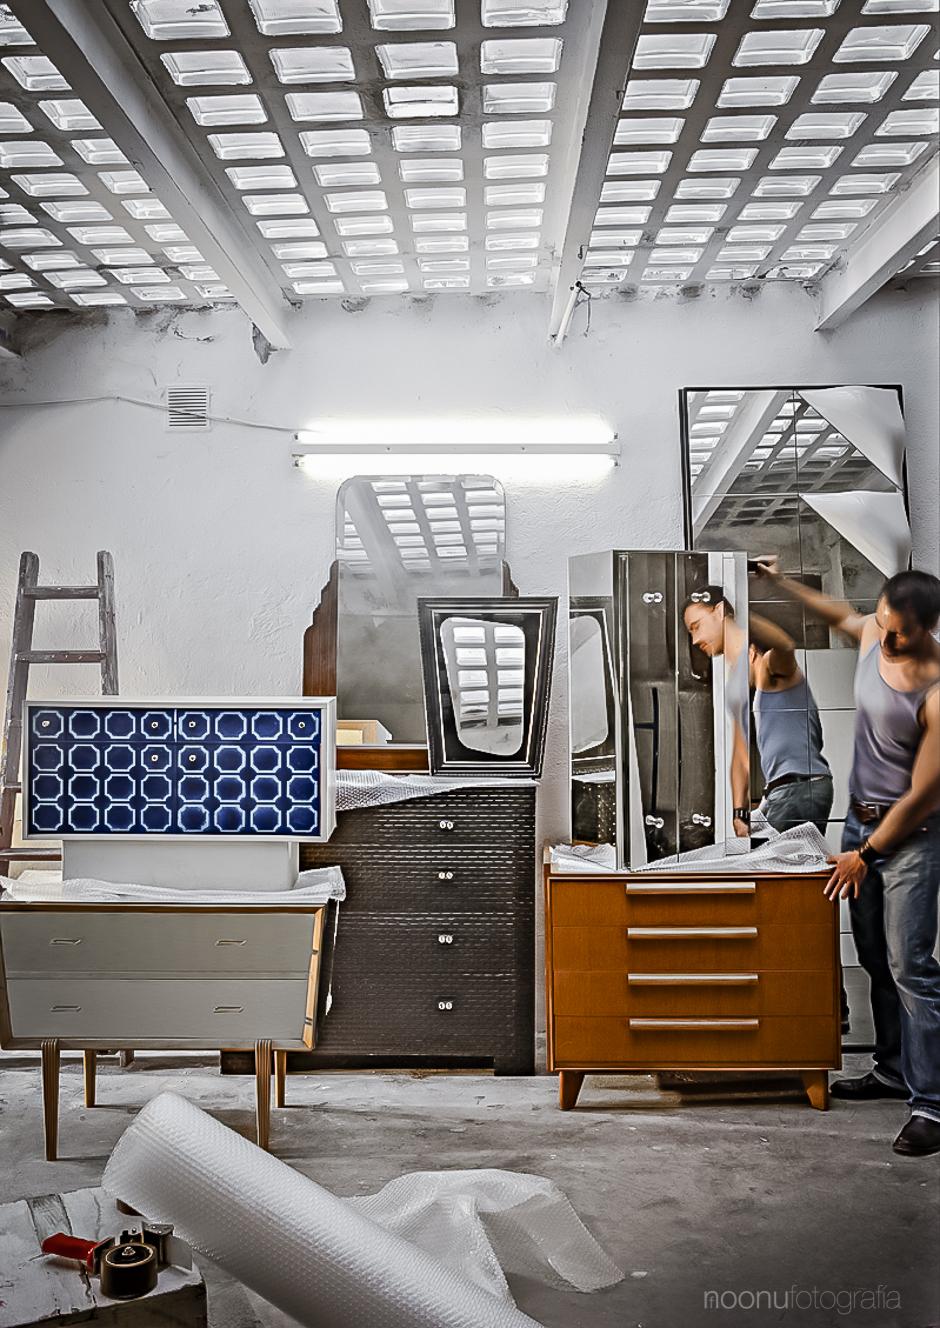 Noonu-fotografo-de-espacios-interiores-madrid-almacen 4